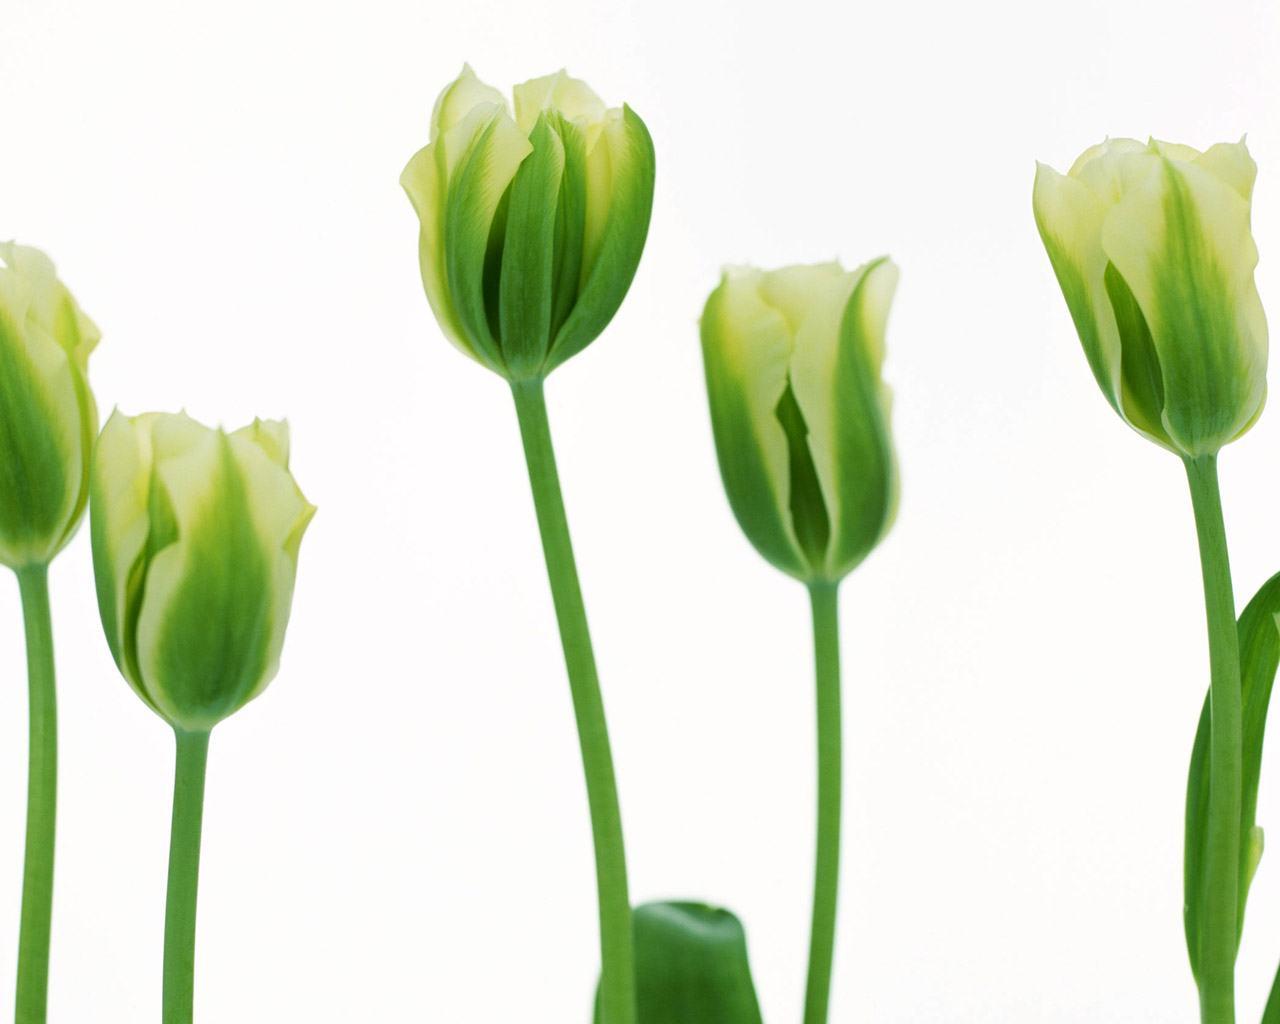 фотообои зеленые тюльпаны: